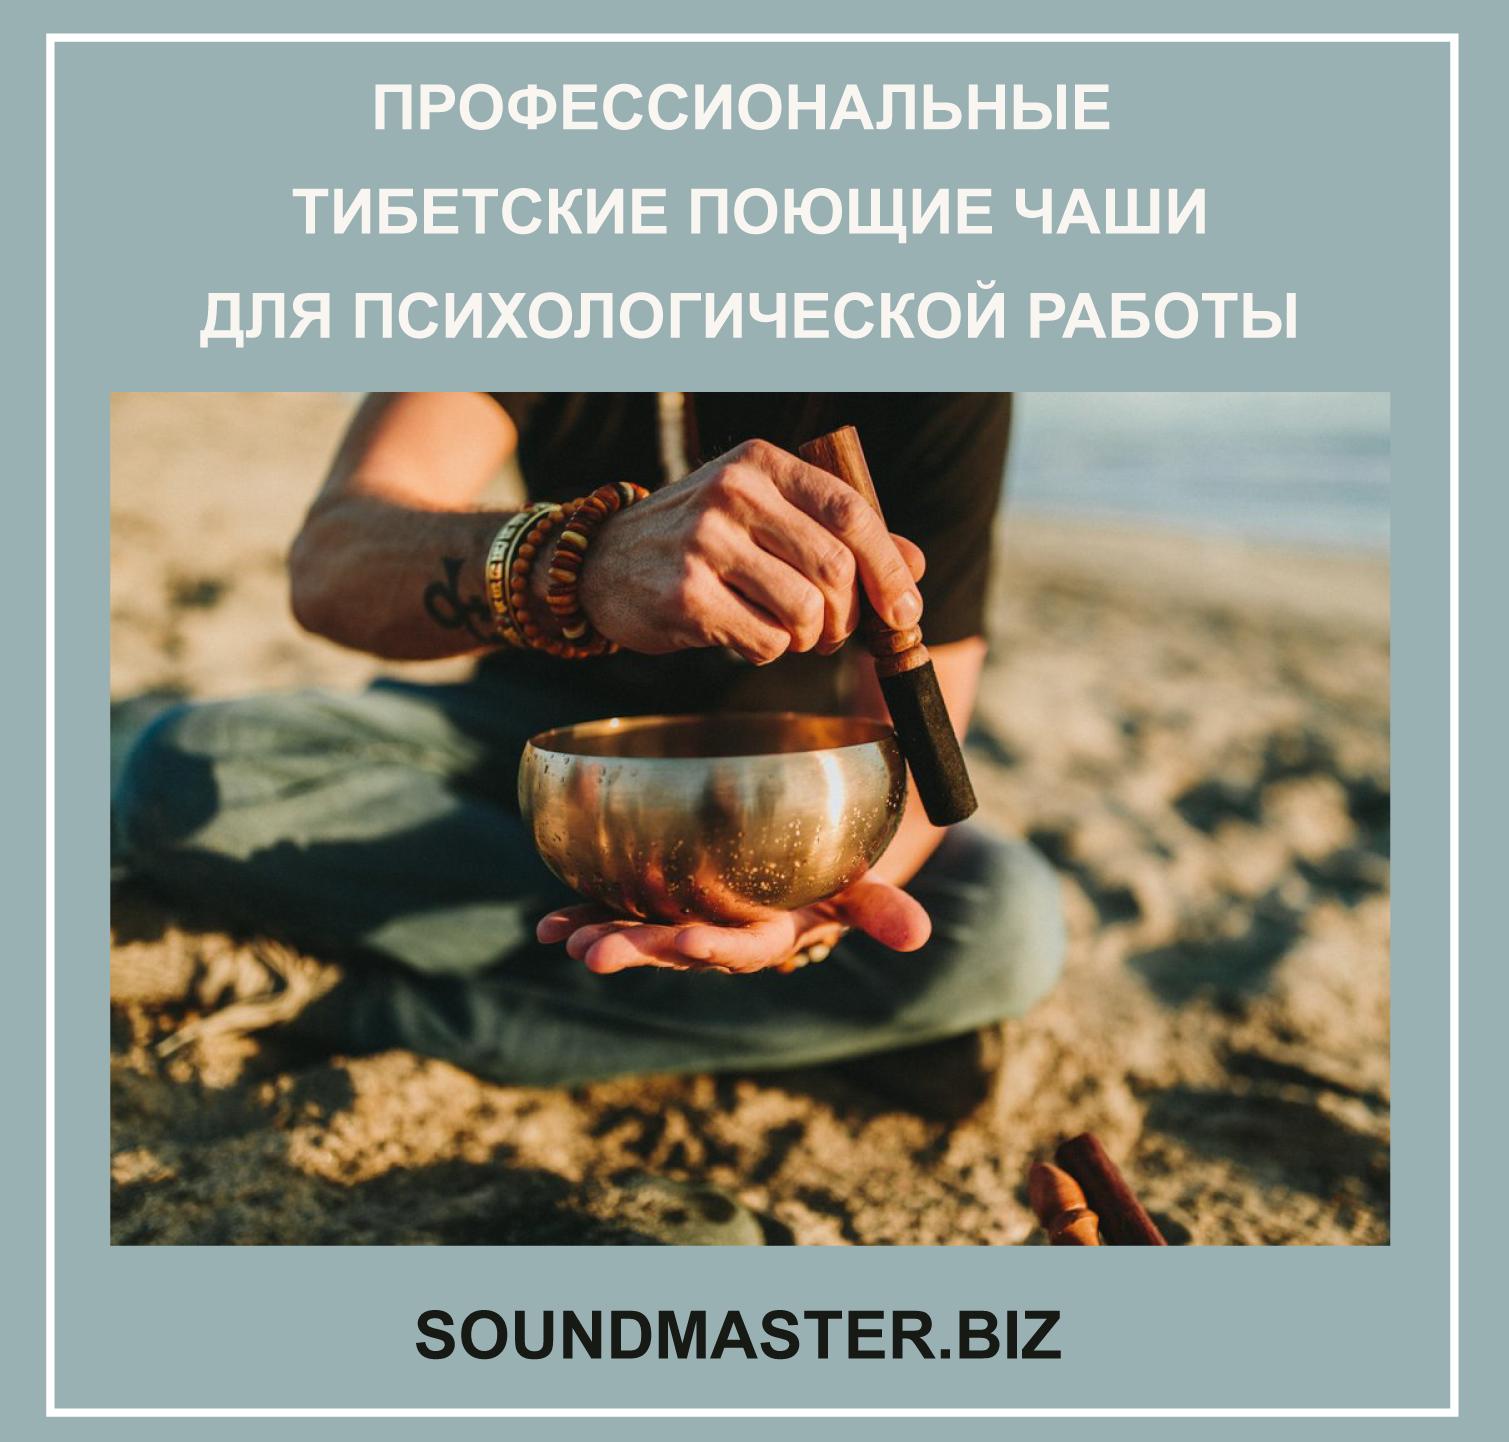 soundmaster.biz